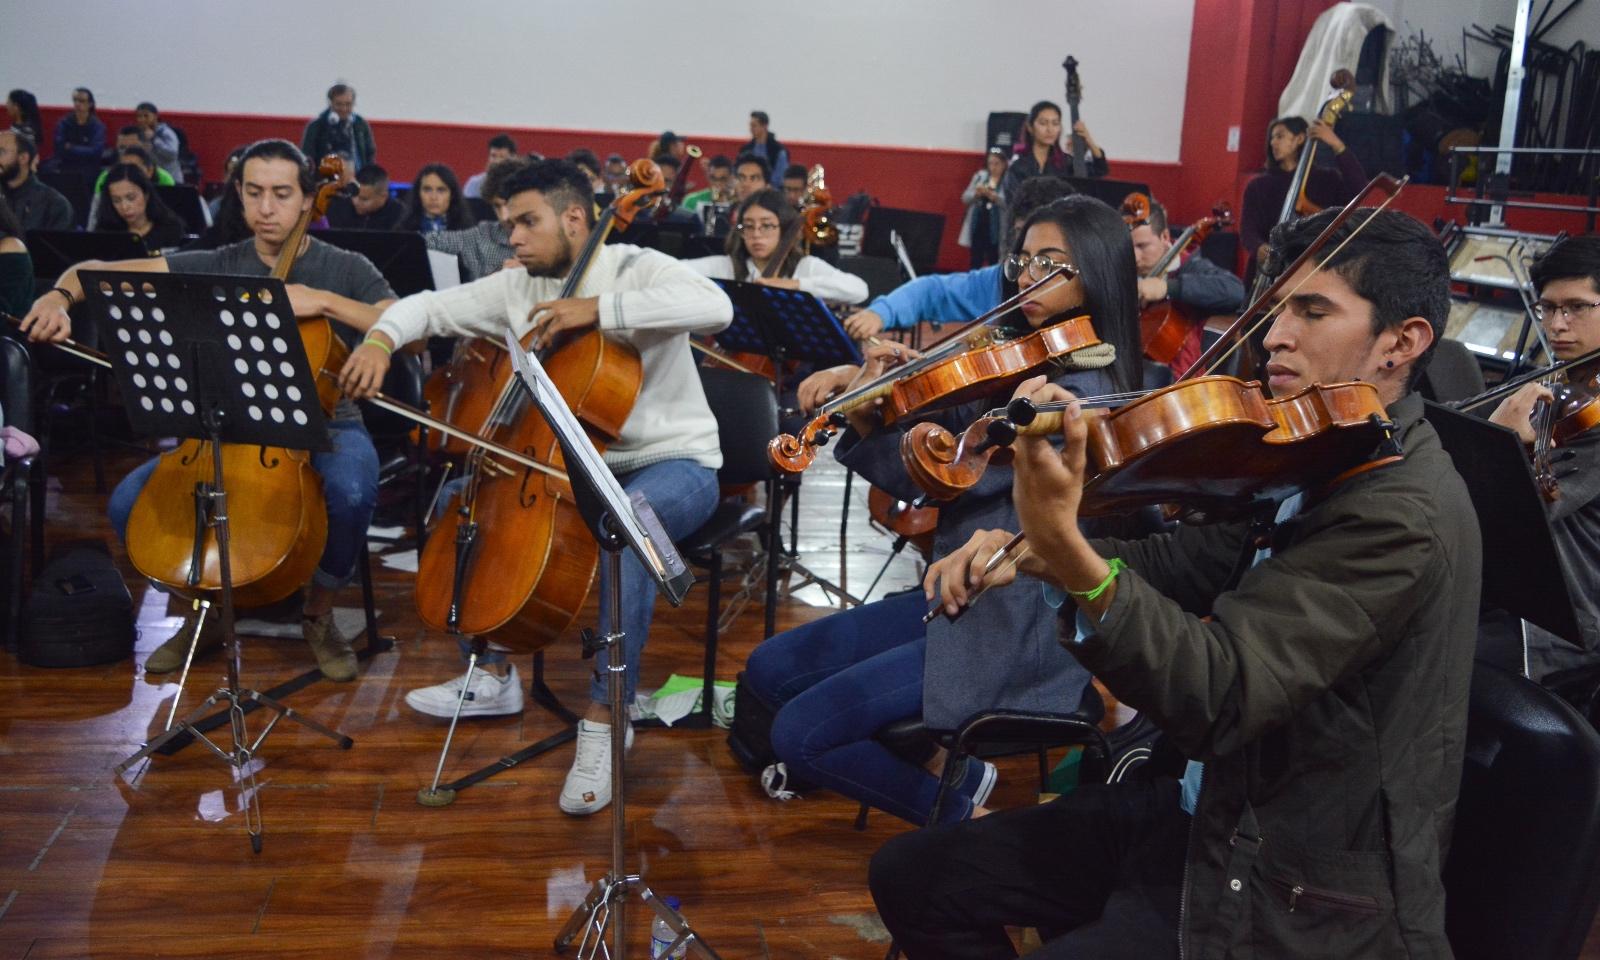 En video | 'La orquesta de la integración': dos naciones, una misma melodía